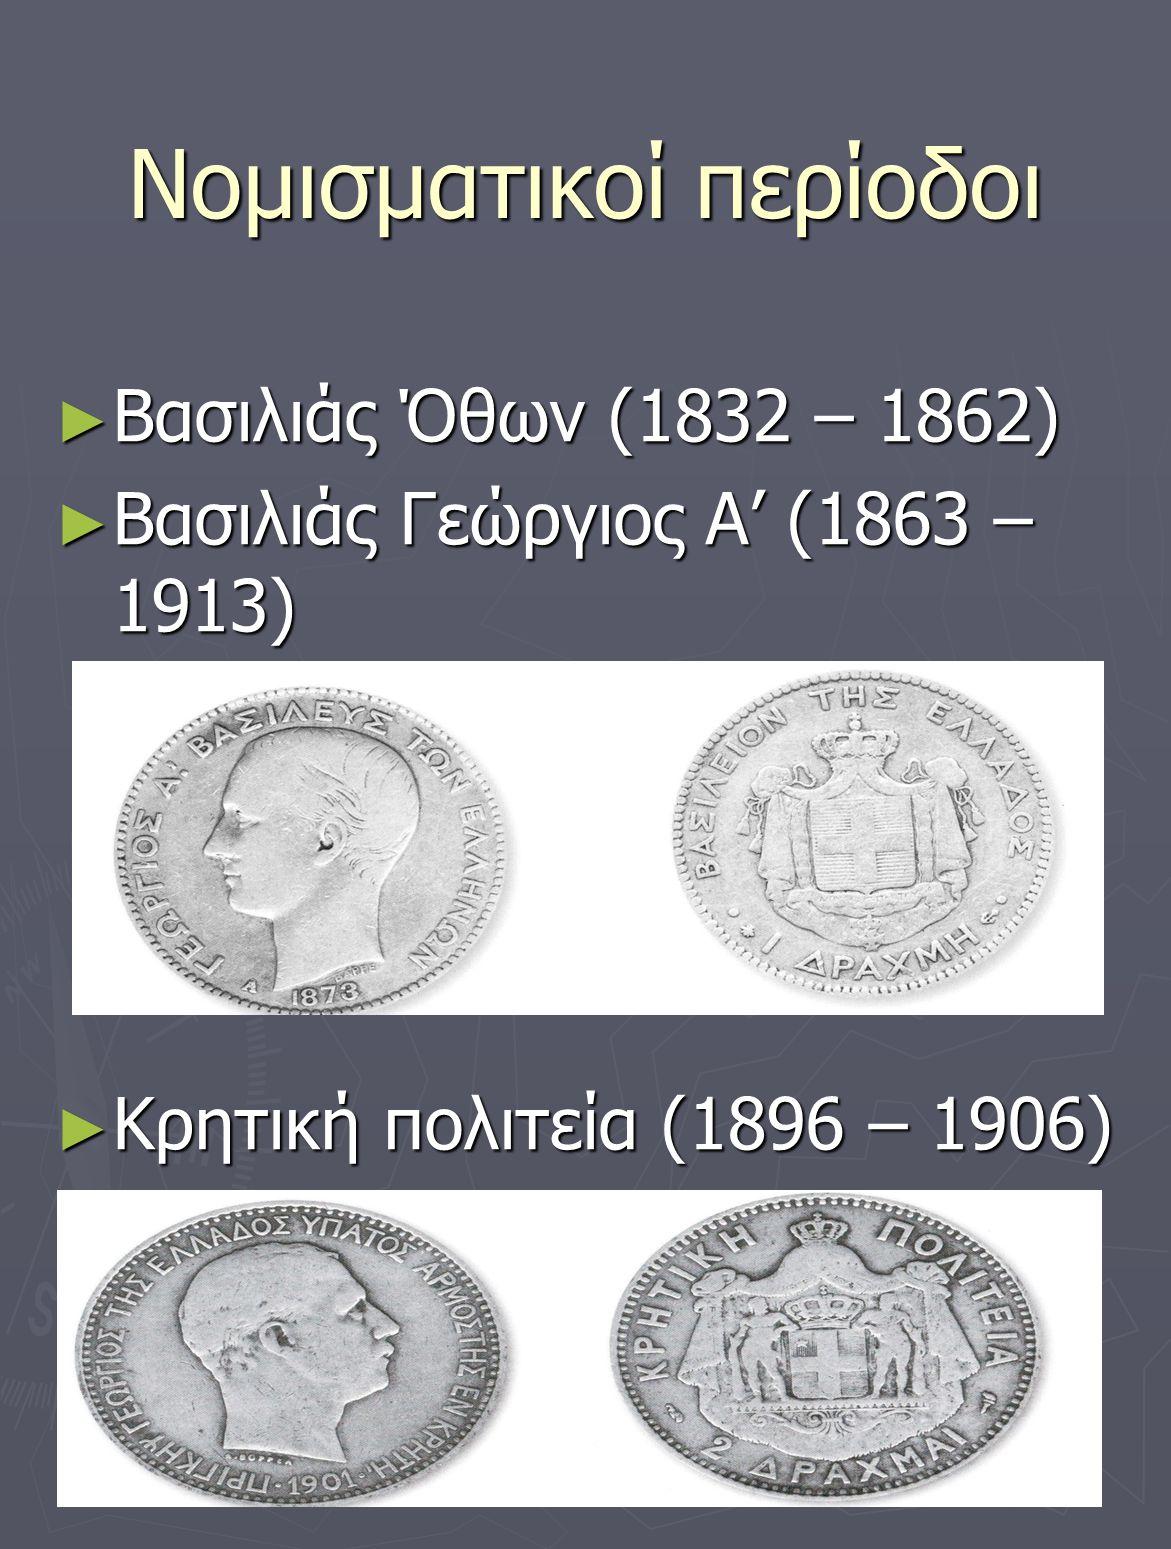 Το νέο νόμισμα : το ΕΥΡΩ ► To ευρώ (EUR ή €) είναι το κοινό νόμισμα 17 κρατών μελών της Ευρωπαϊκής Ένωσης, τα οποία αποτελούν την Ευρωζώνη, μεταξύ των οποίων είναι και η Ελλάδα.